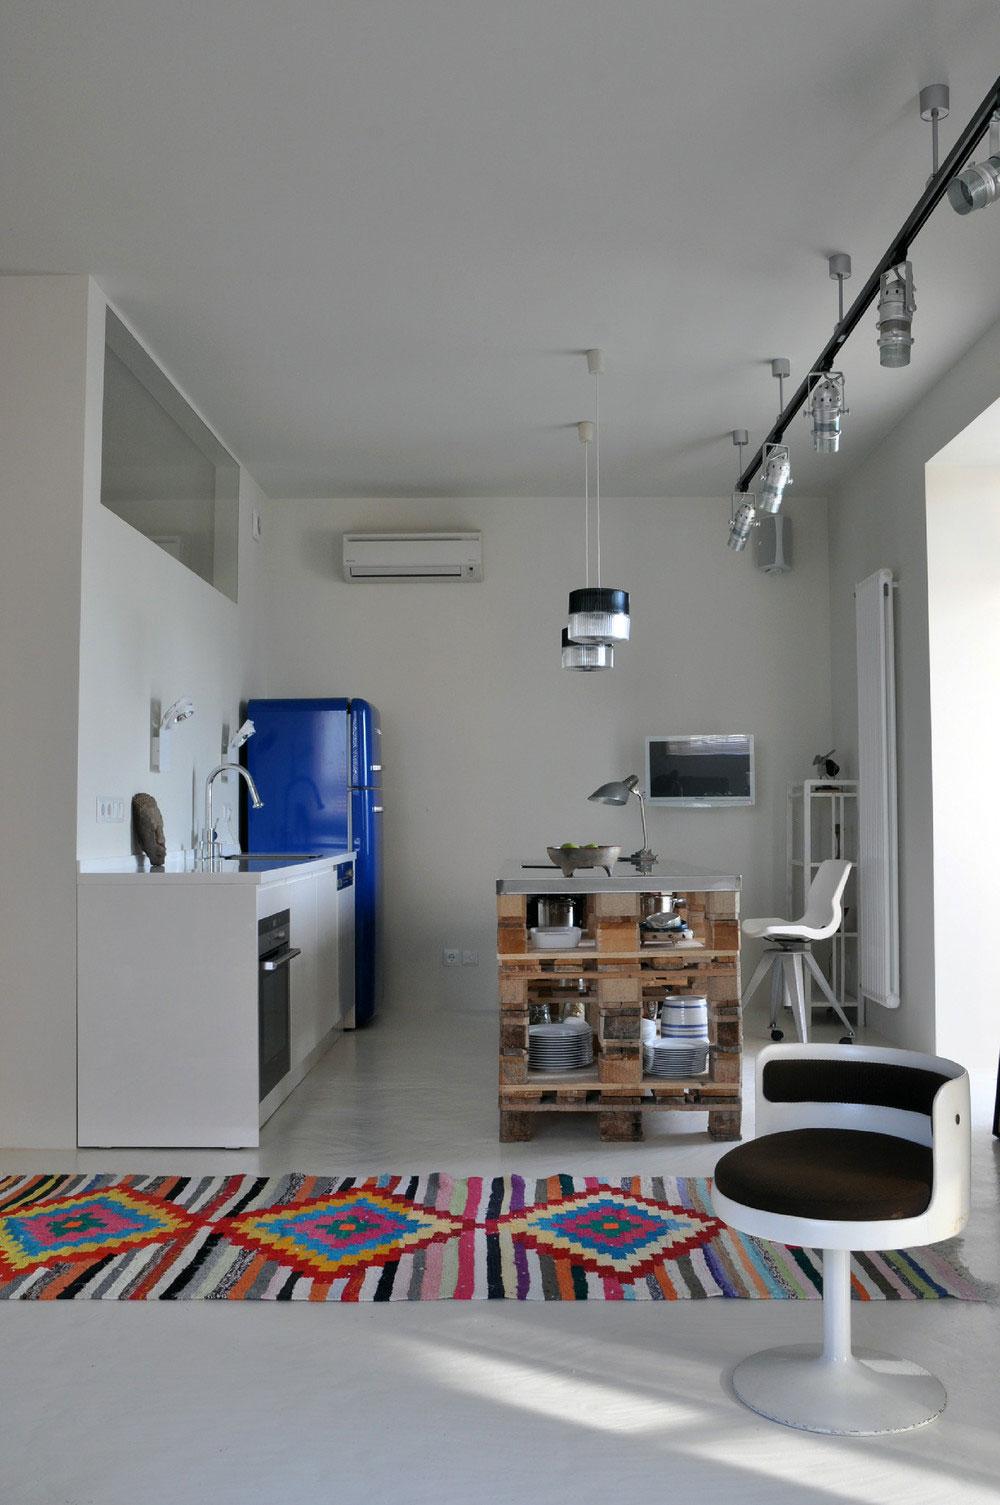 Дизайнерский интерьер небольшой кухни - фото 4